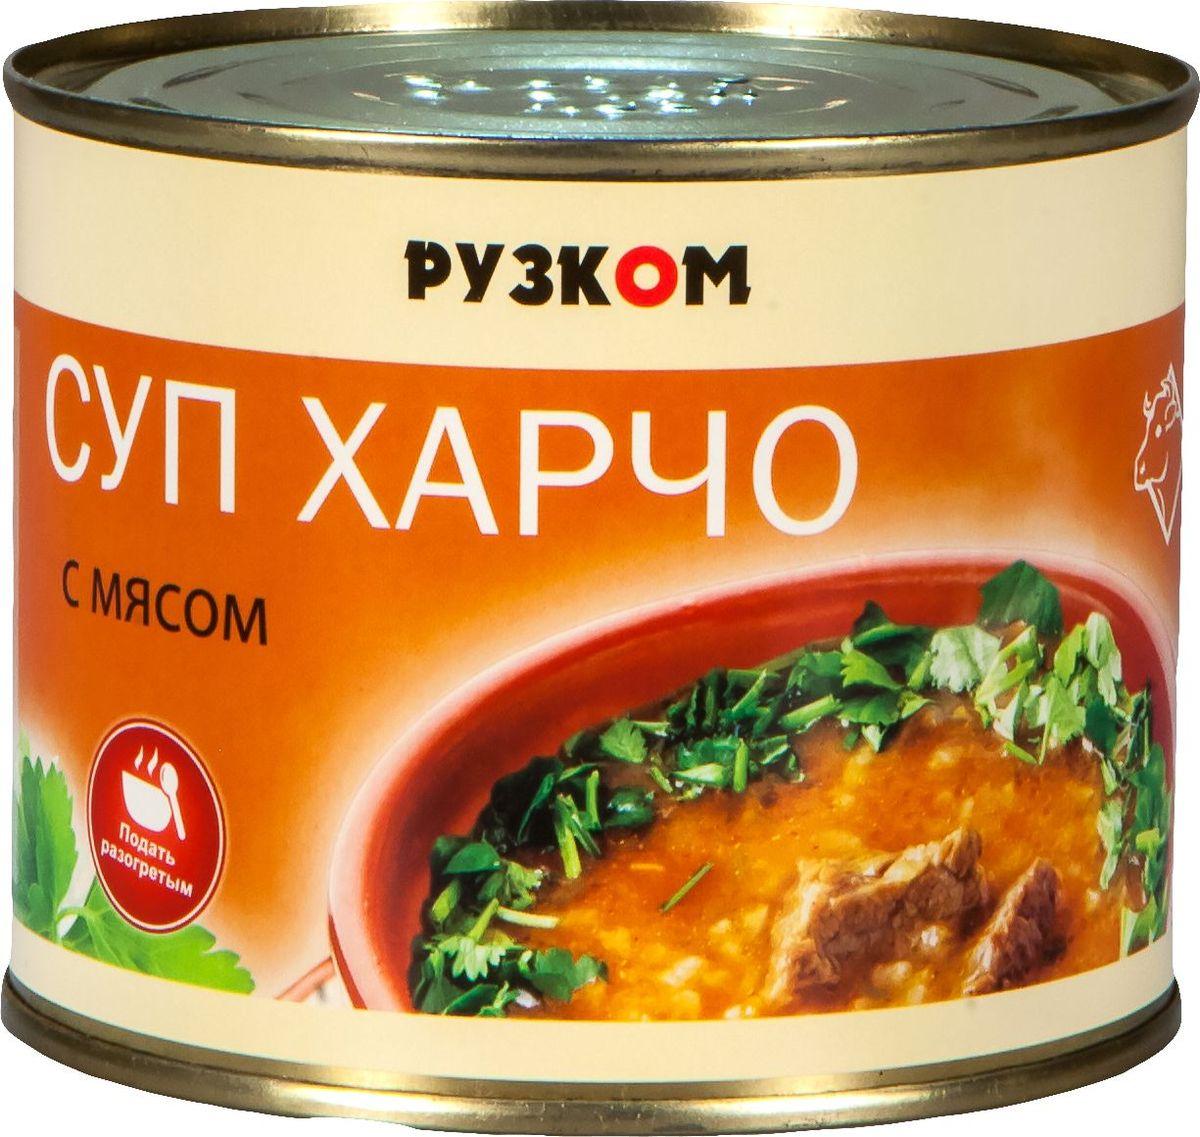 Рузком Суп харчо с мясом, 540 г